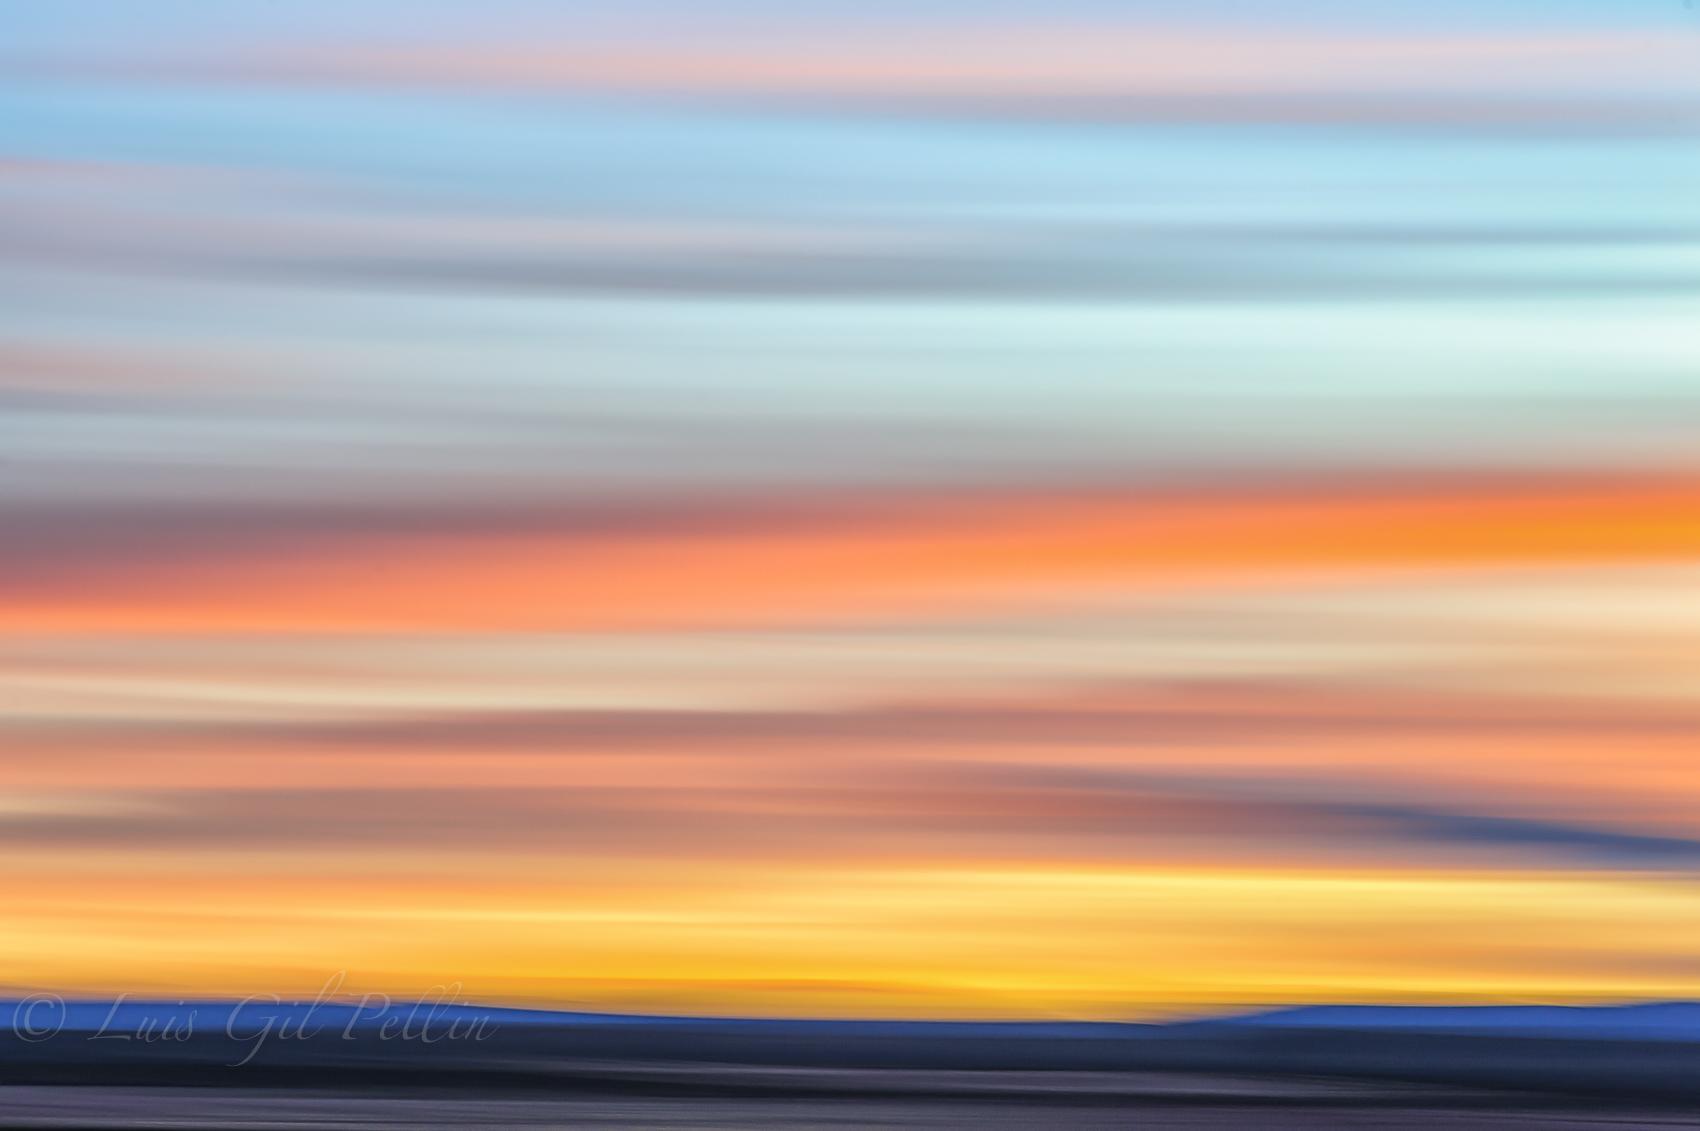 Los cielos de Ródenas - Ultimas imagenes - Luis Antonio Gil  Pellín , Fotografia de naturaleza